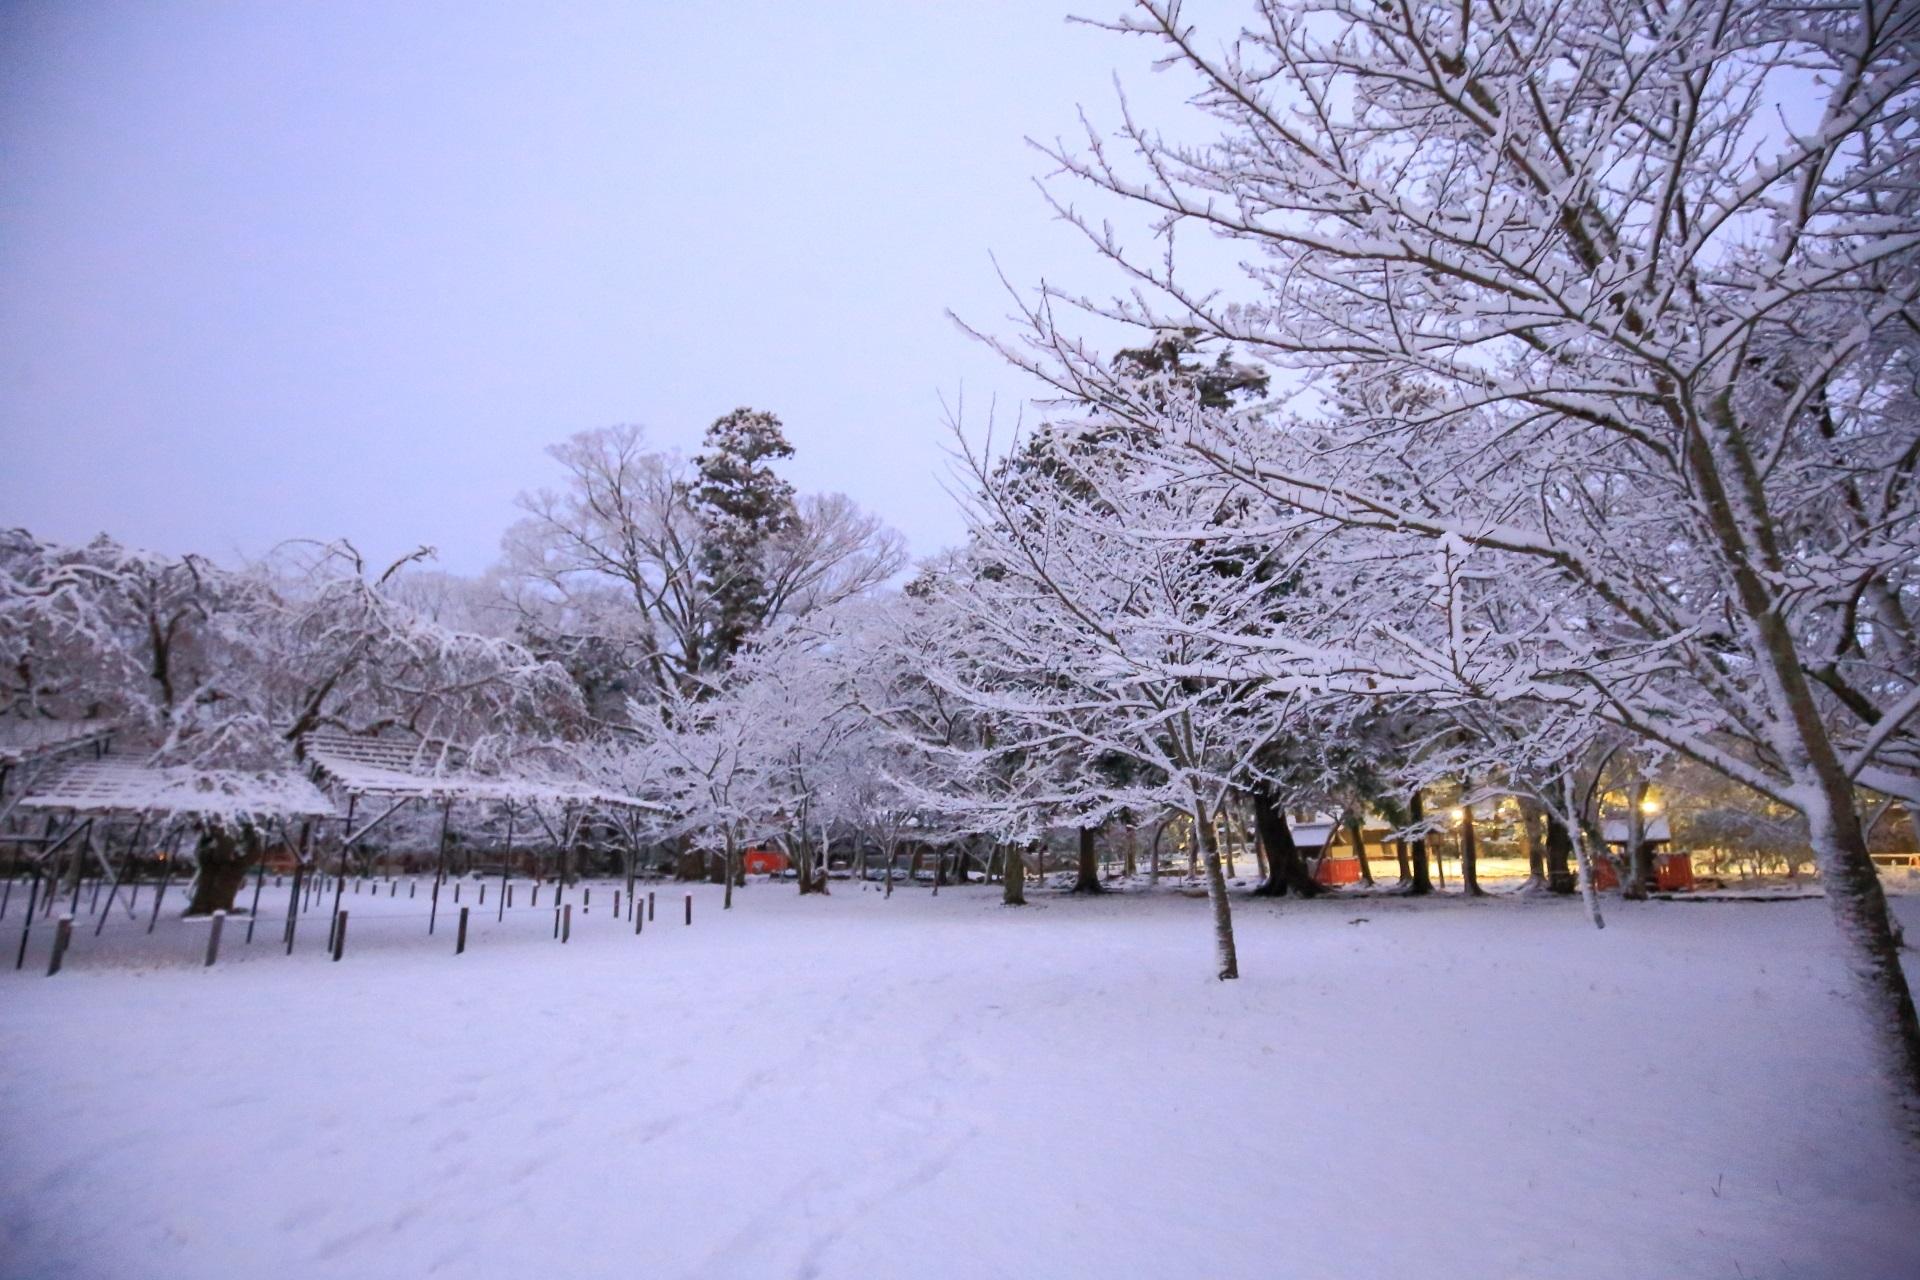 上賀茂神社の薄暗い境内で華やぐ雪の花